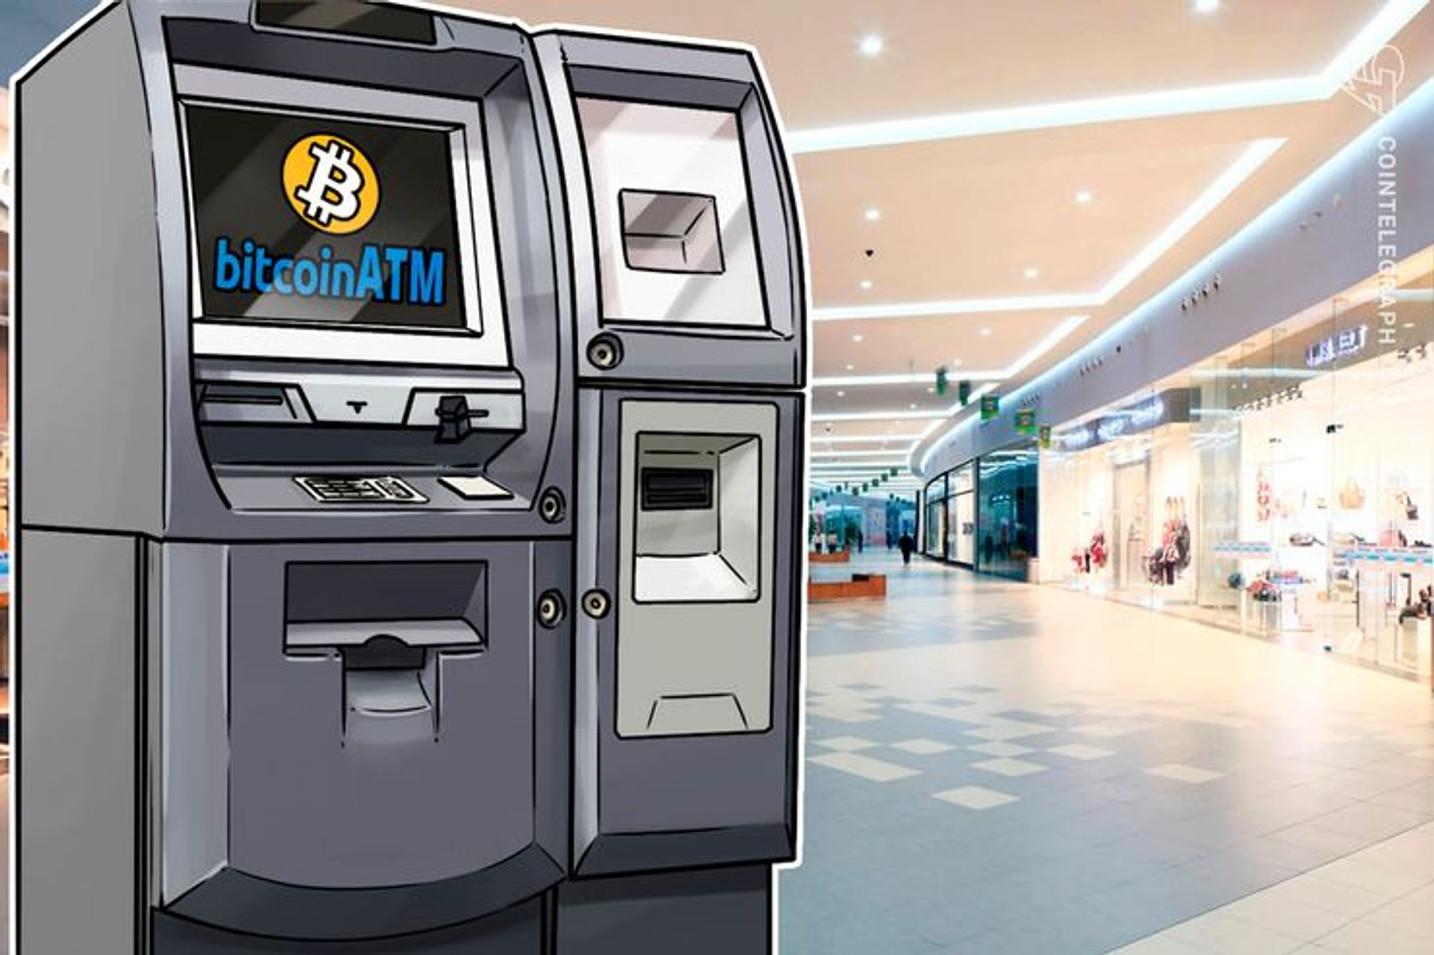 Österreichische Post stellt Bitcoin-Geldautomaten auf